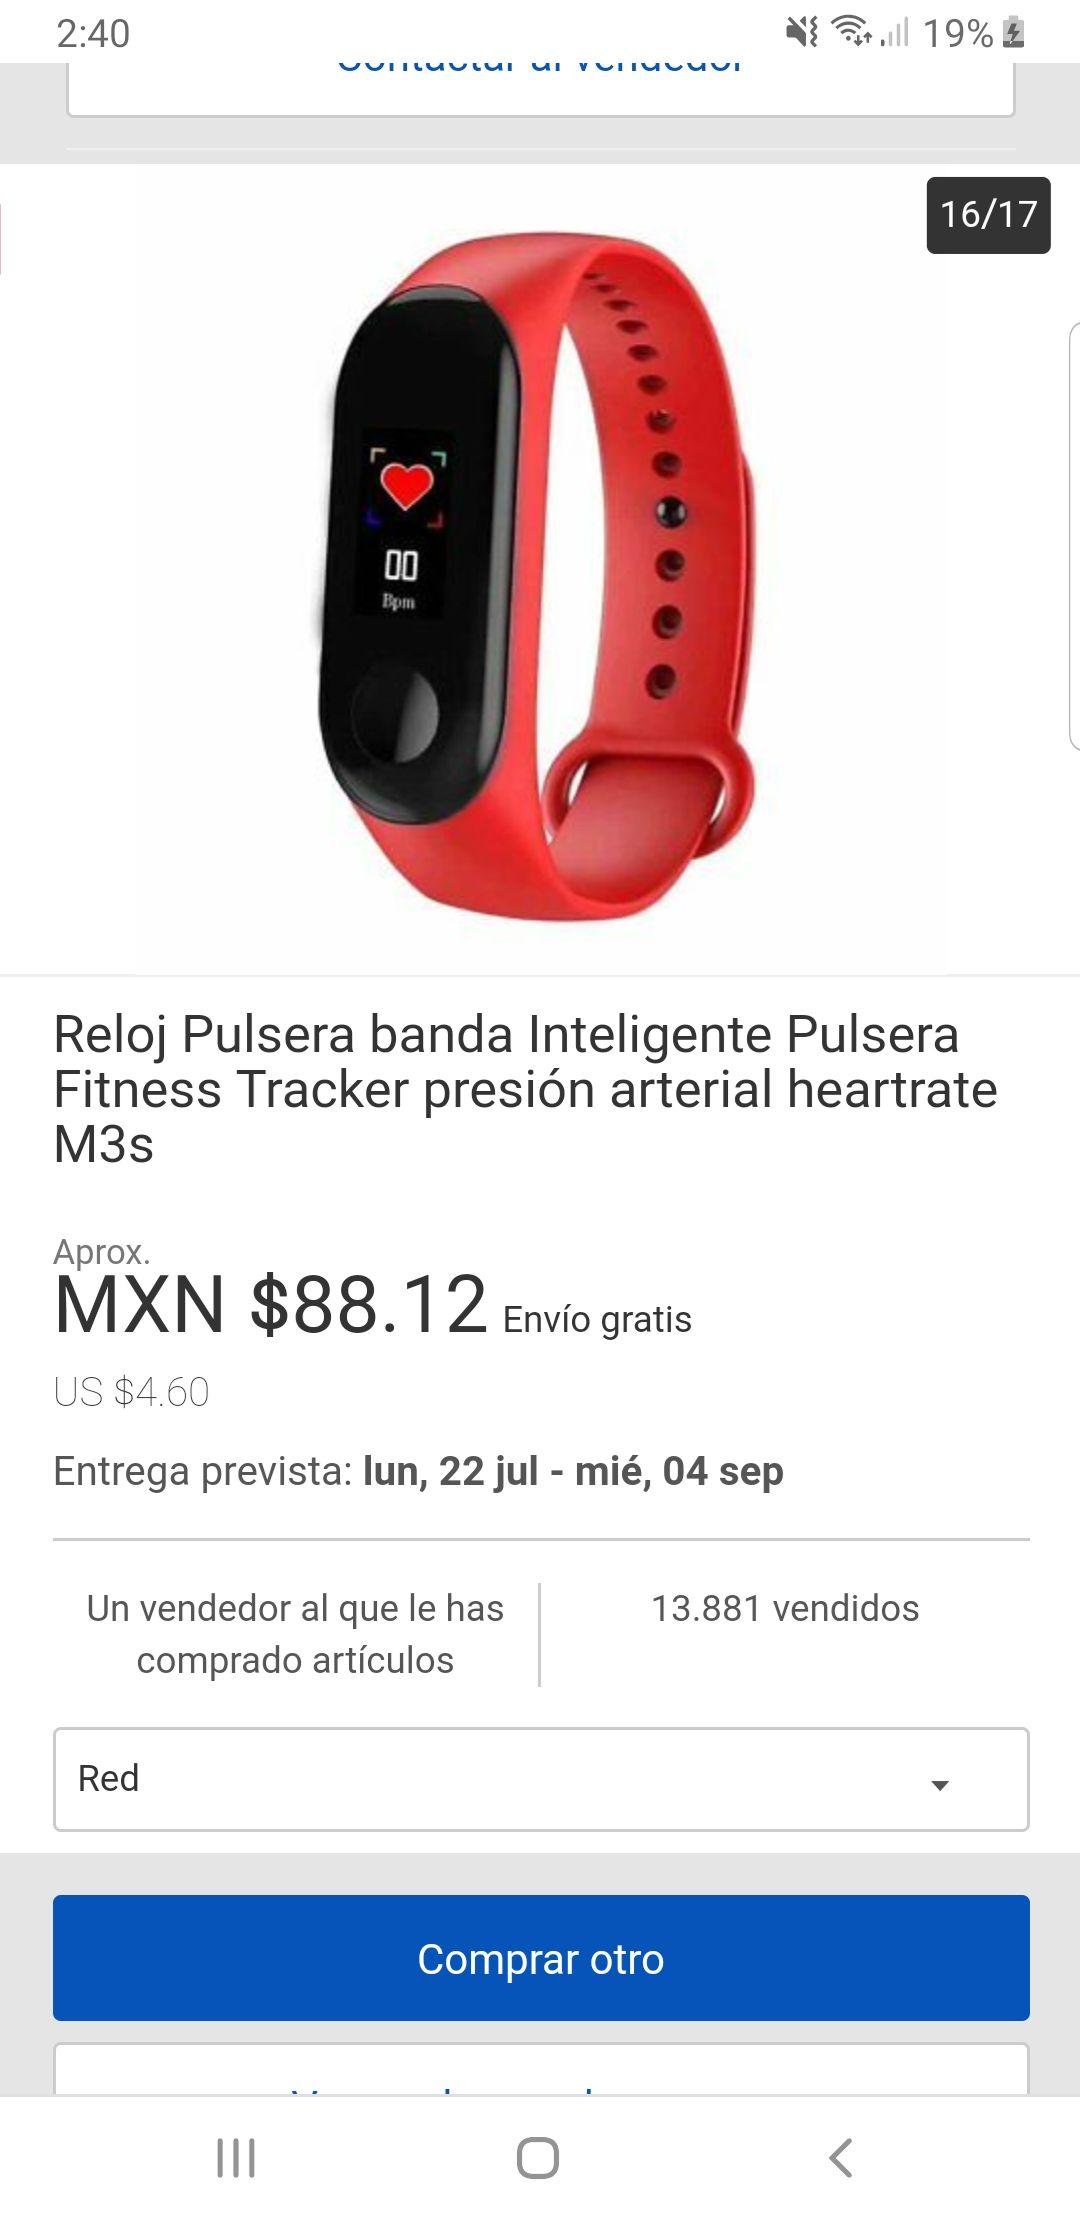 ebay: Reloj Pulsera banda Inteligente Pulsera Fitness Tracker presión arterial heartrate M3s